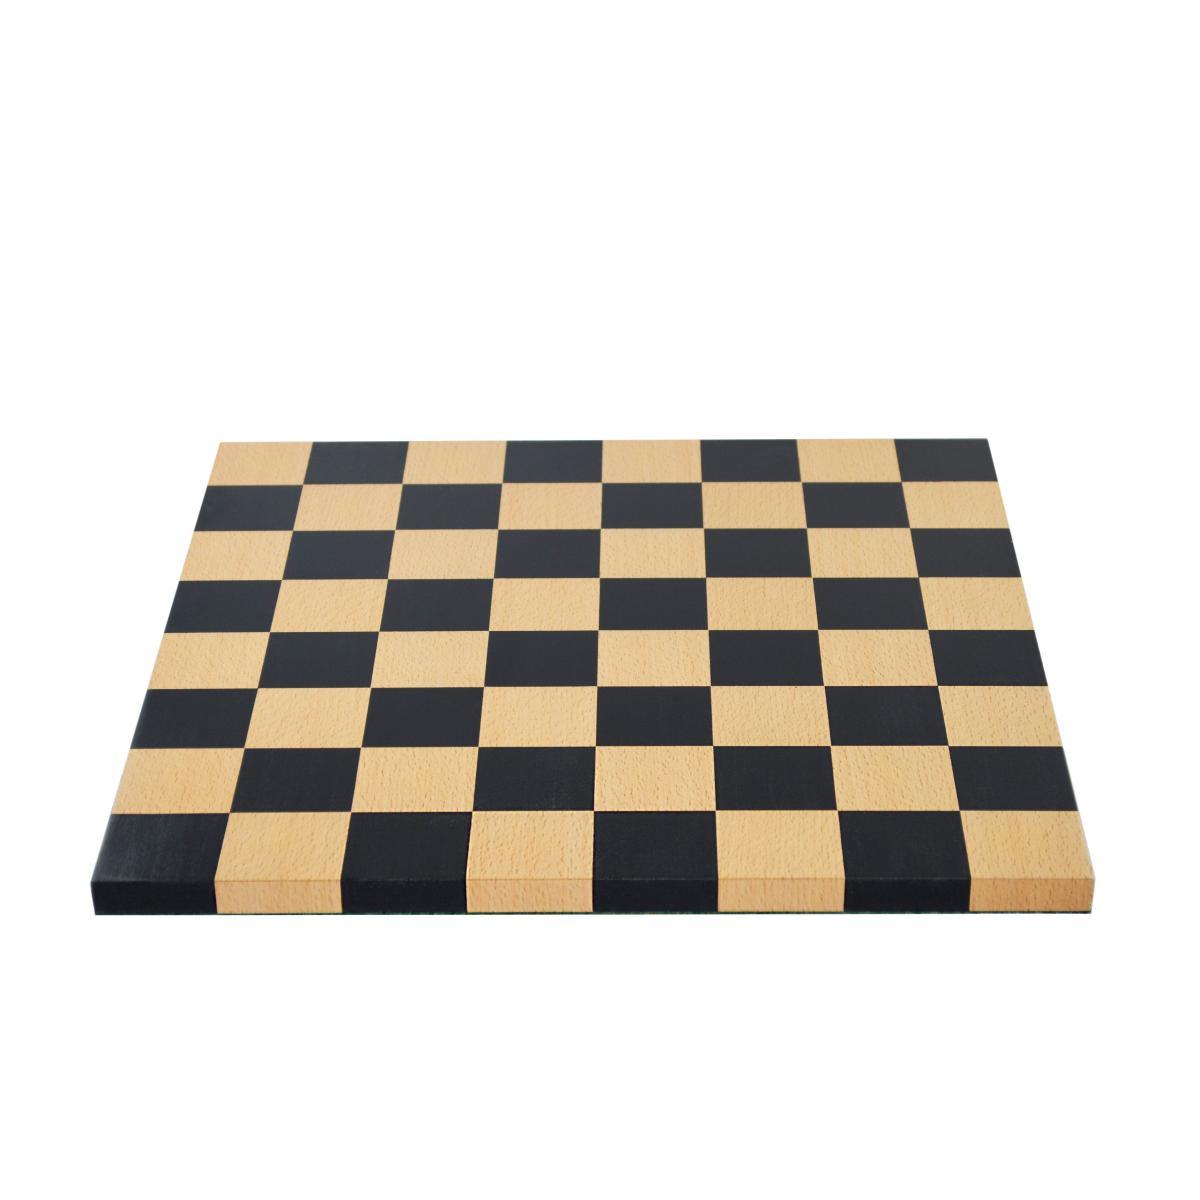 Man Ray Schachbrett, Zedernholz mit Intarsien aus Buchenholz